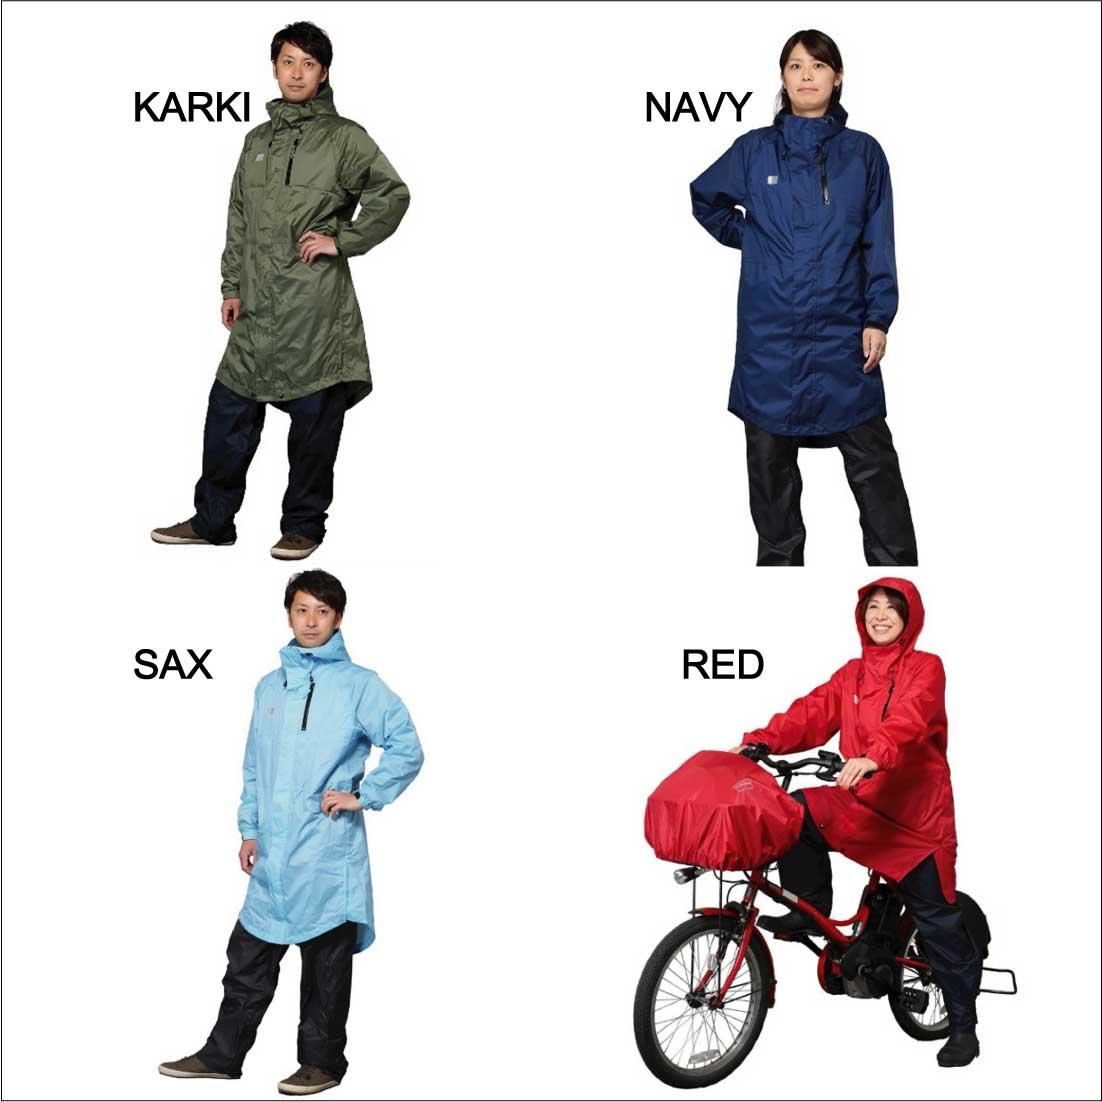 レインスーツ 防水 透湿 2WAY おしゃれ 自転車 メンズ レディースAmEasing Rain suit特許取得 着脱 簡単